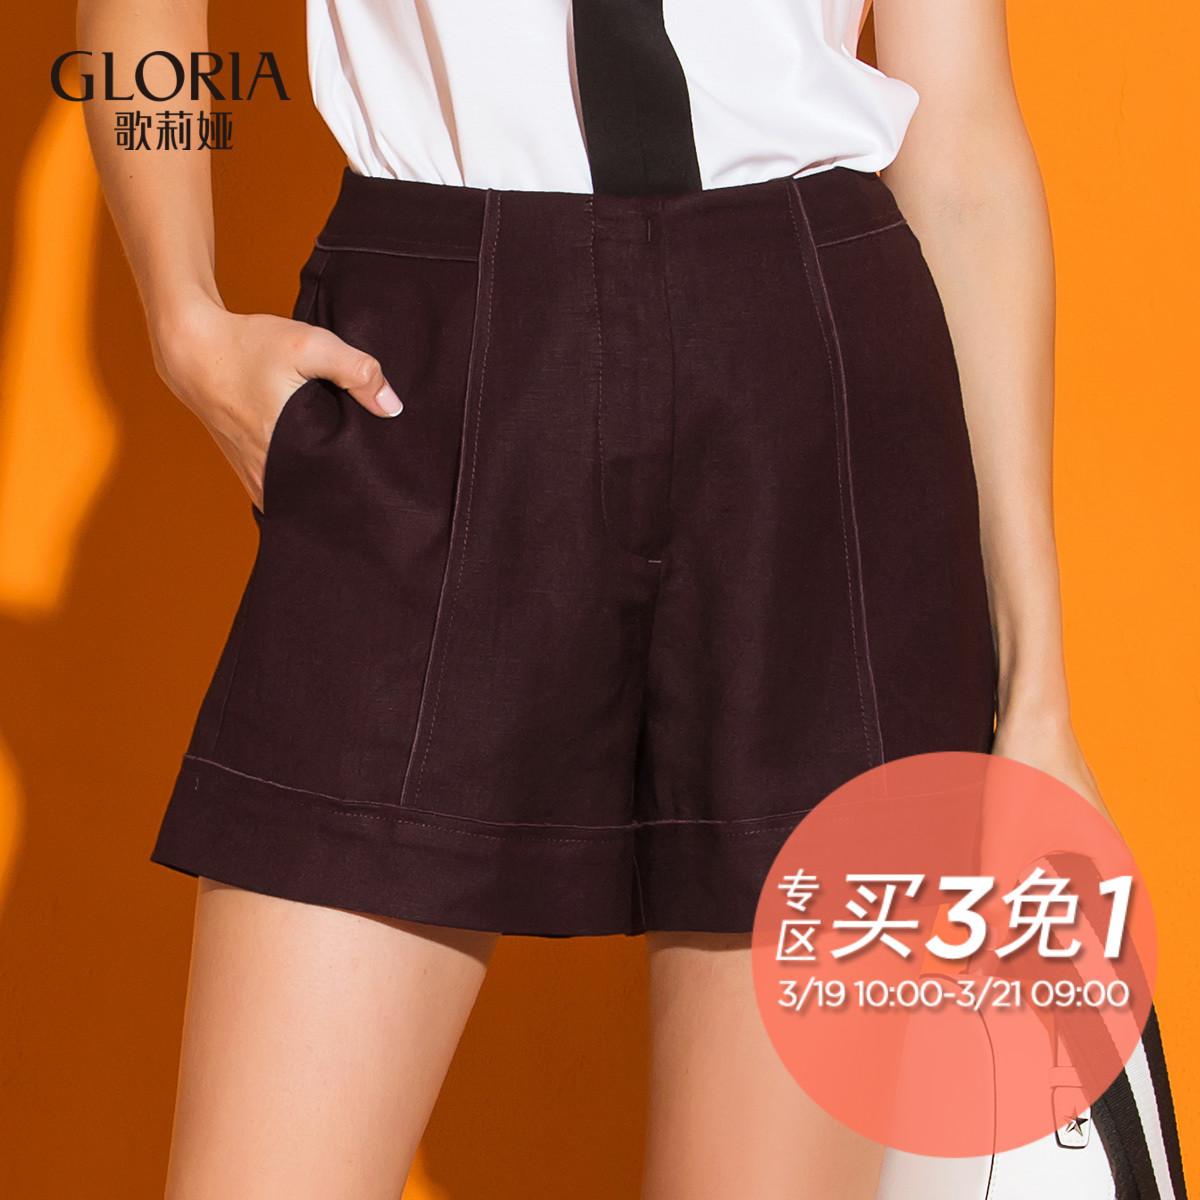 歌莉娅女装 GLORIA歌莉娅新品外露止口A型短裤175J1A02A_推荐淘宝好看的歌莉娅